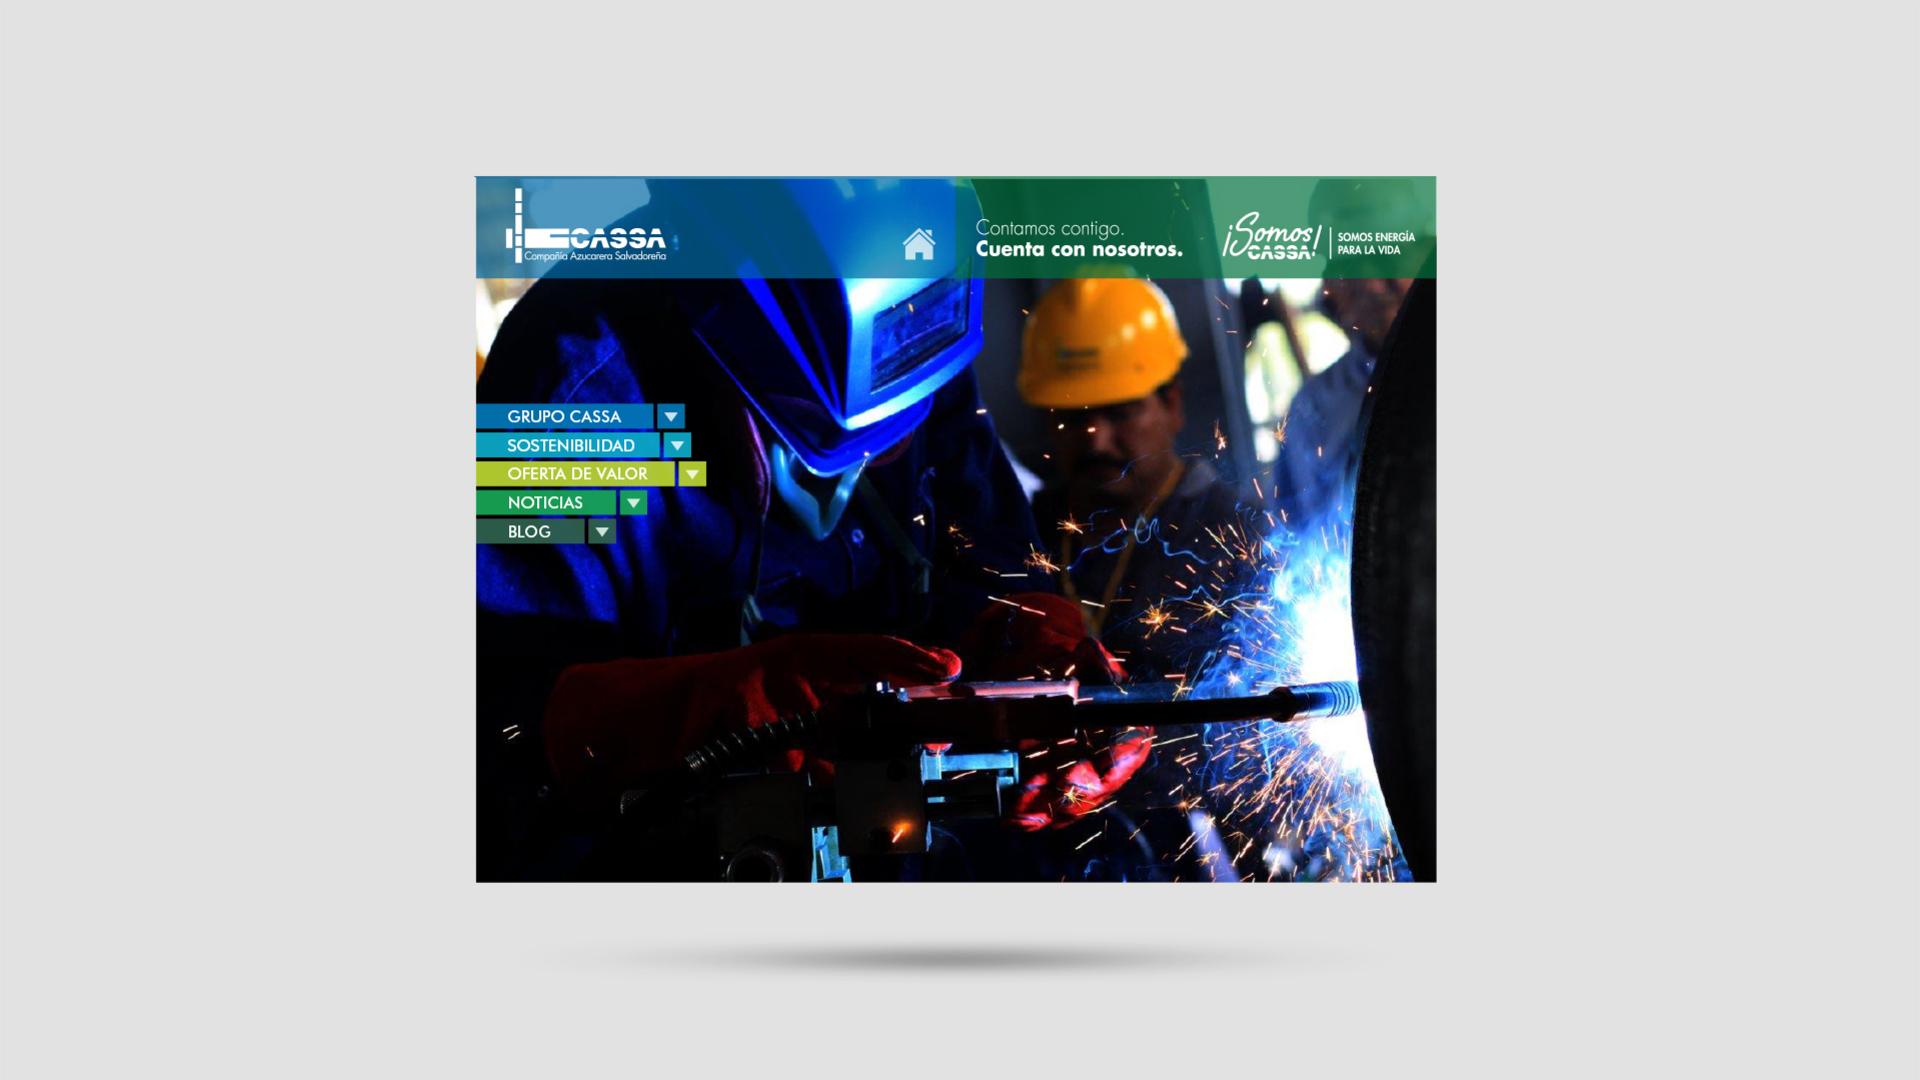 CASSA_WEB_M2